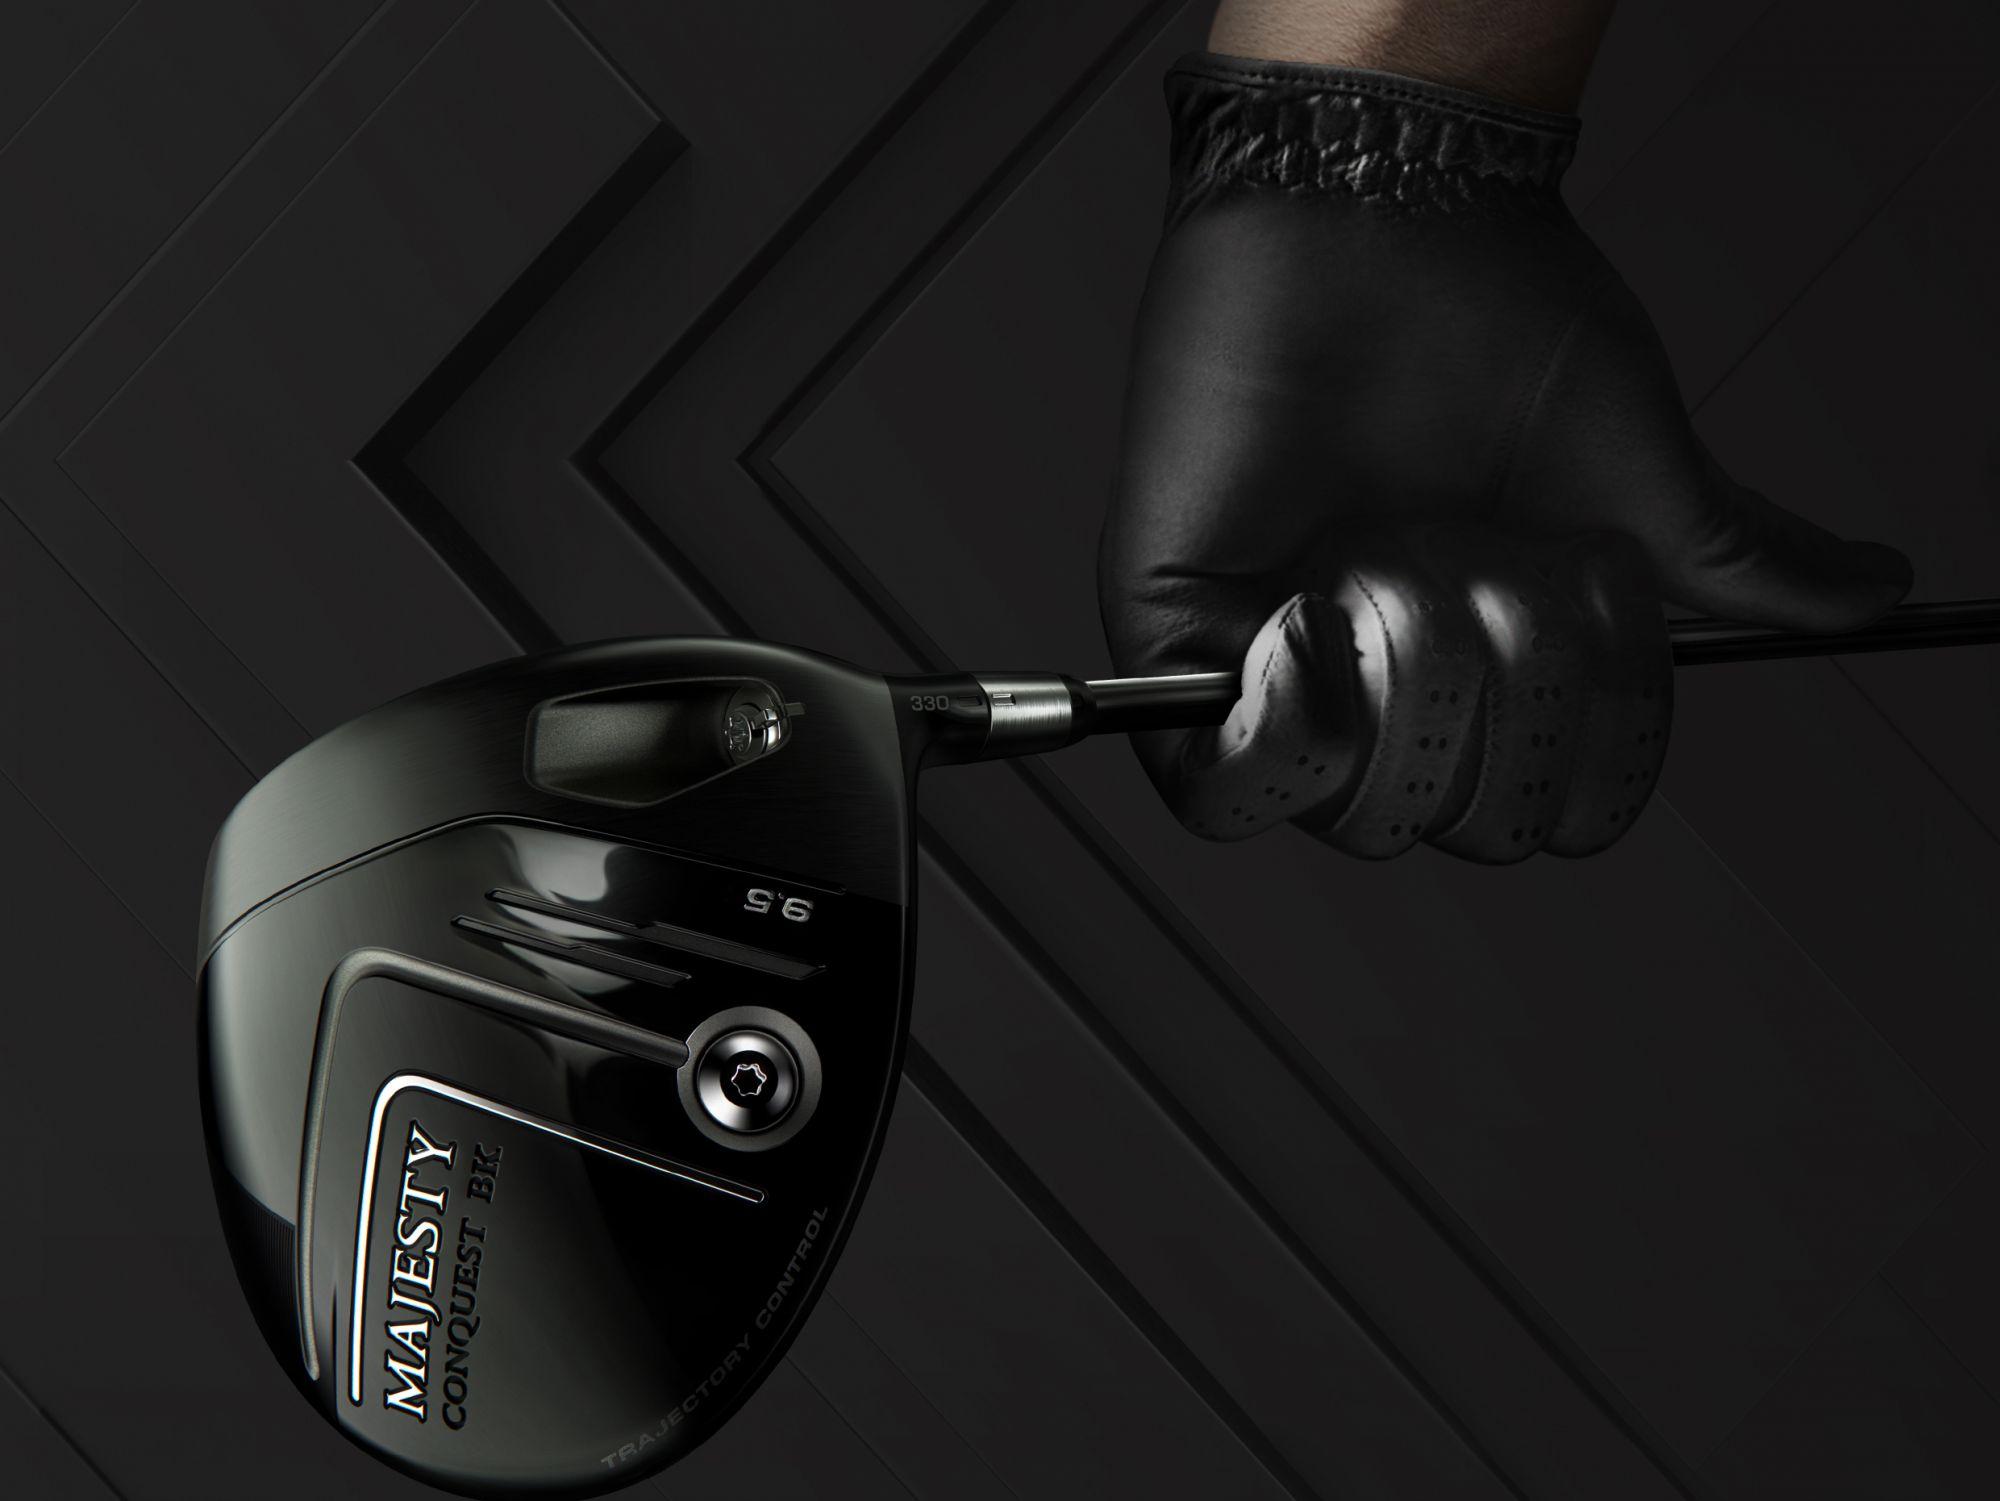 專為男性高爾夫球手打造,CONQUEST BK by MAJESTY瑪嘉斯帝征服者系列黑魂限定版